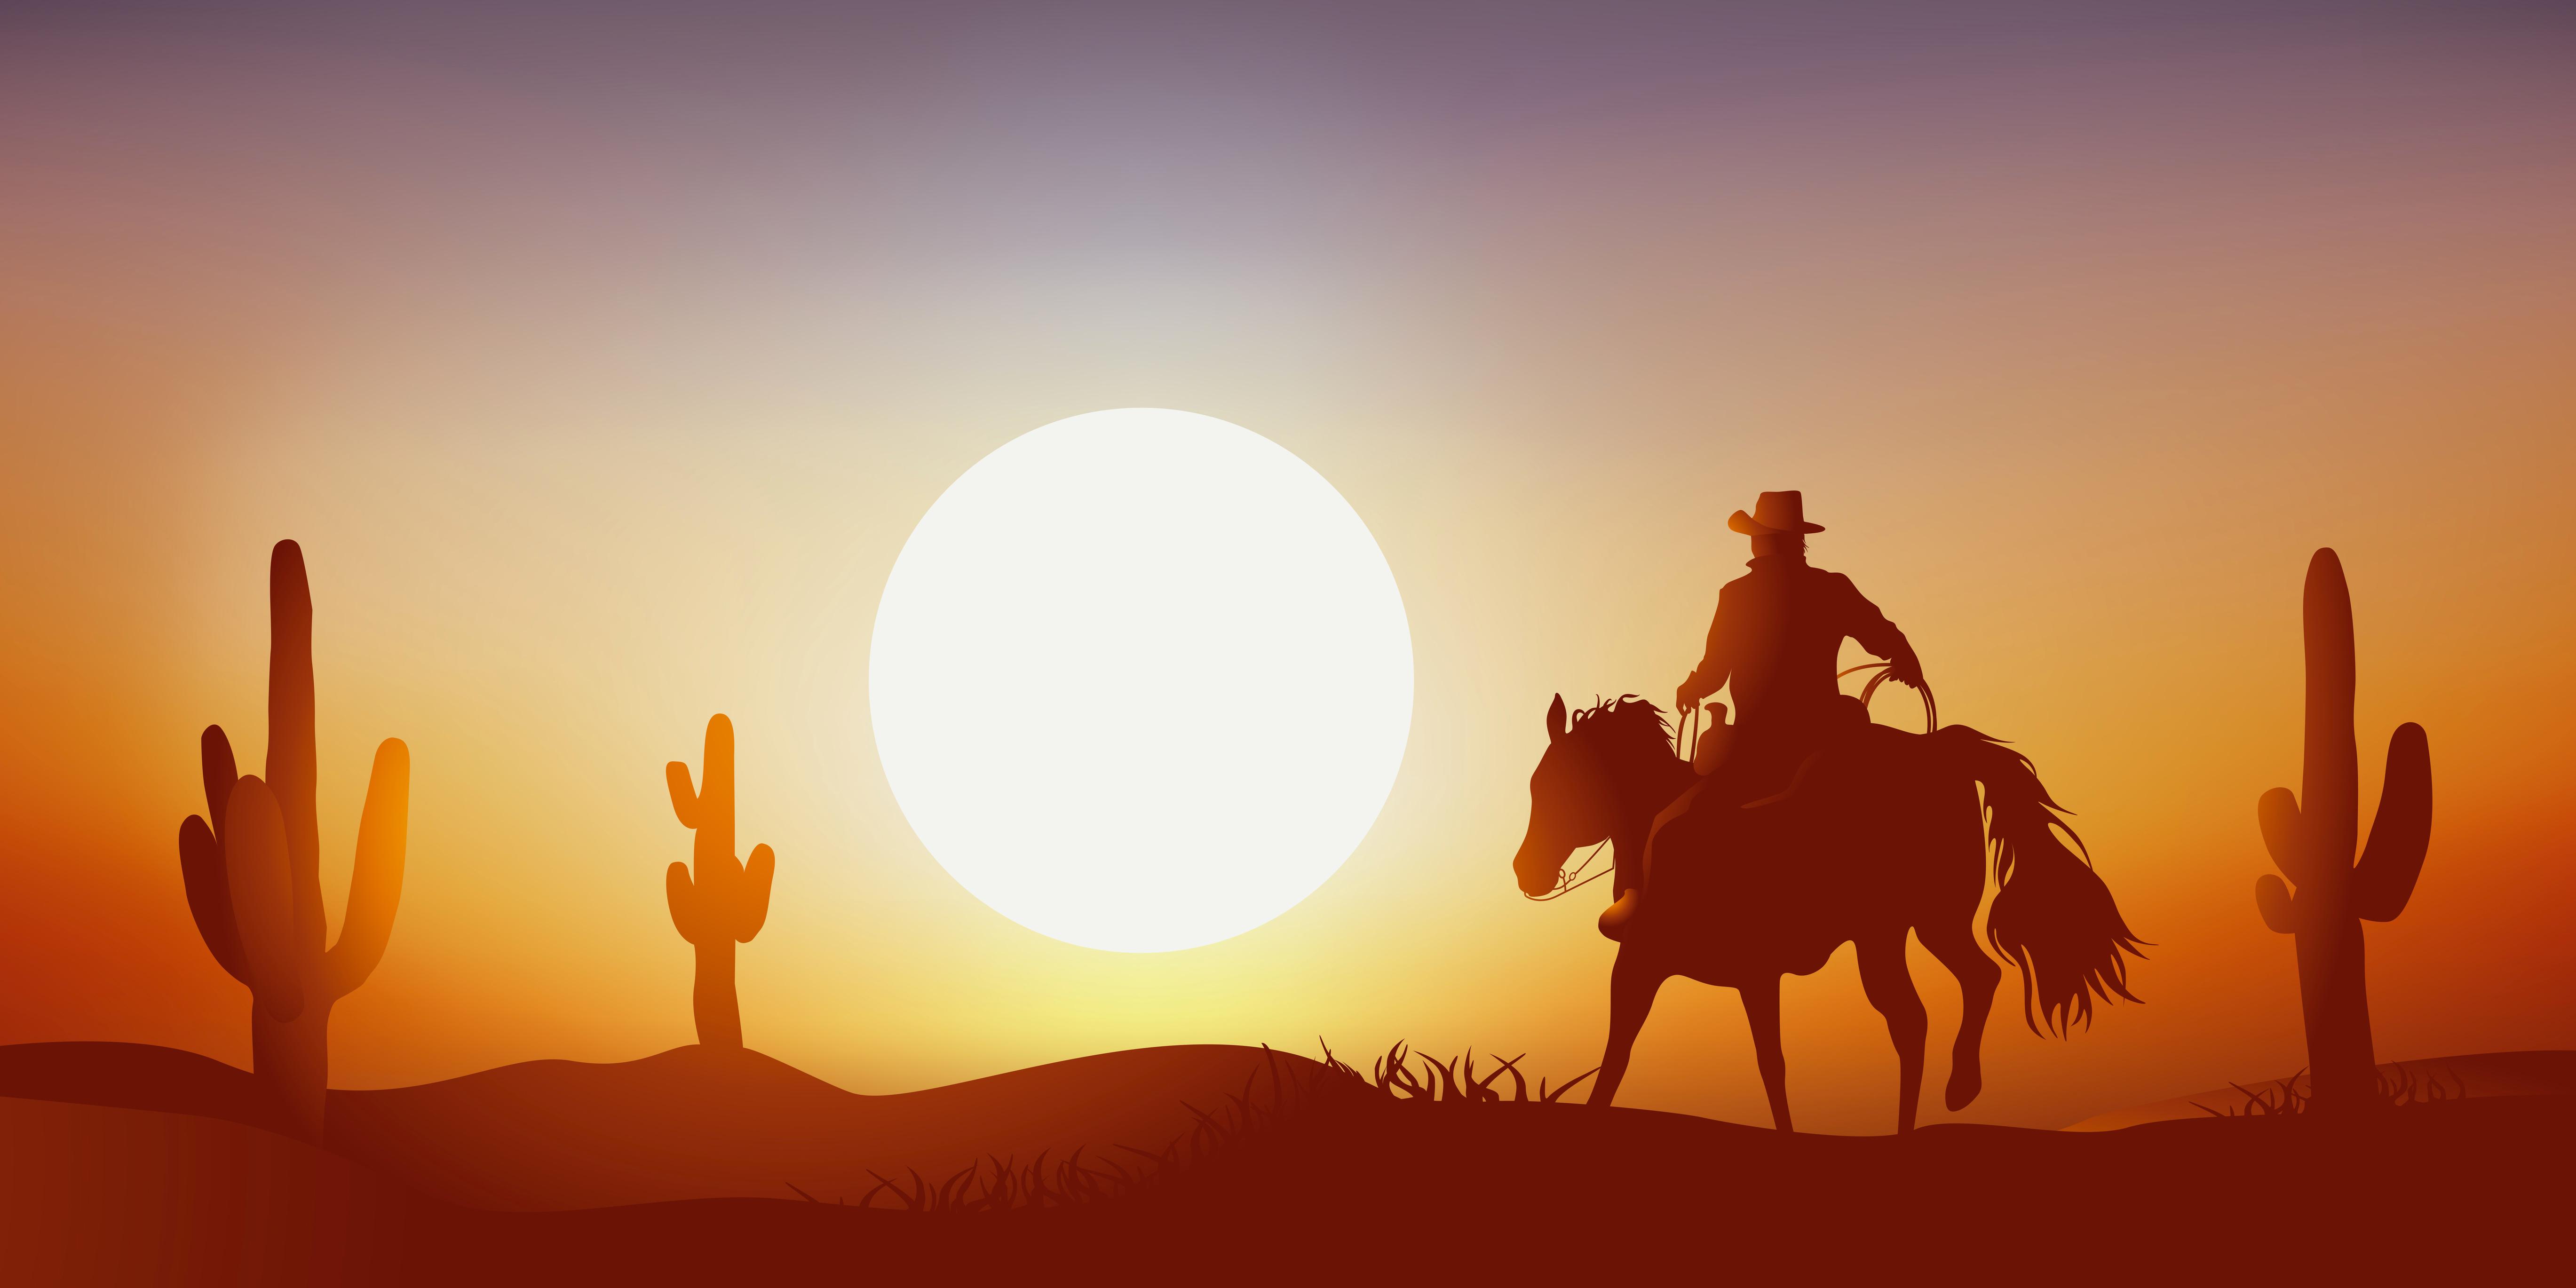 cow-boy - coucher de soleil - cheval - paysage, western, dsert - cactus